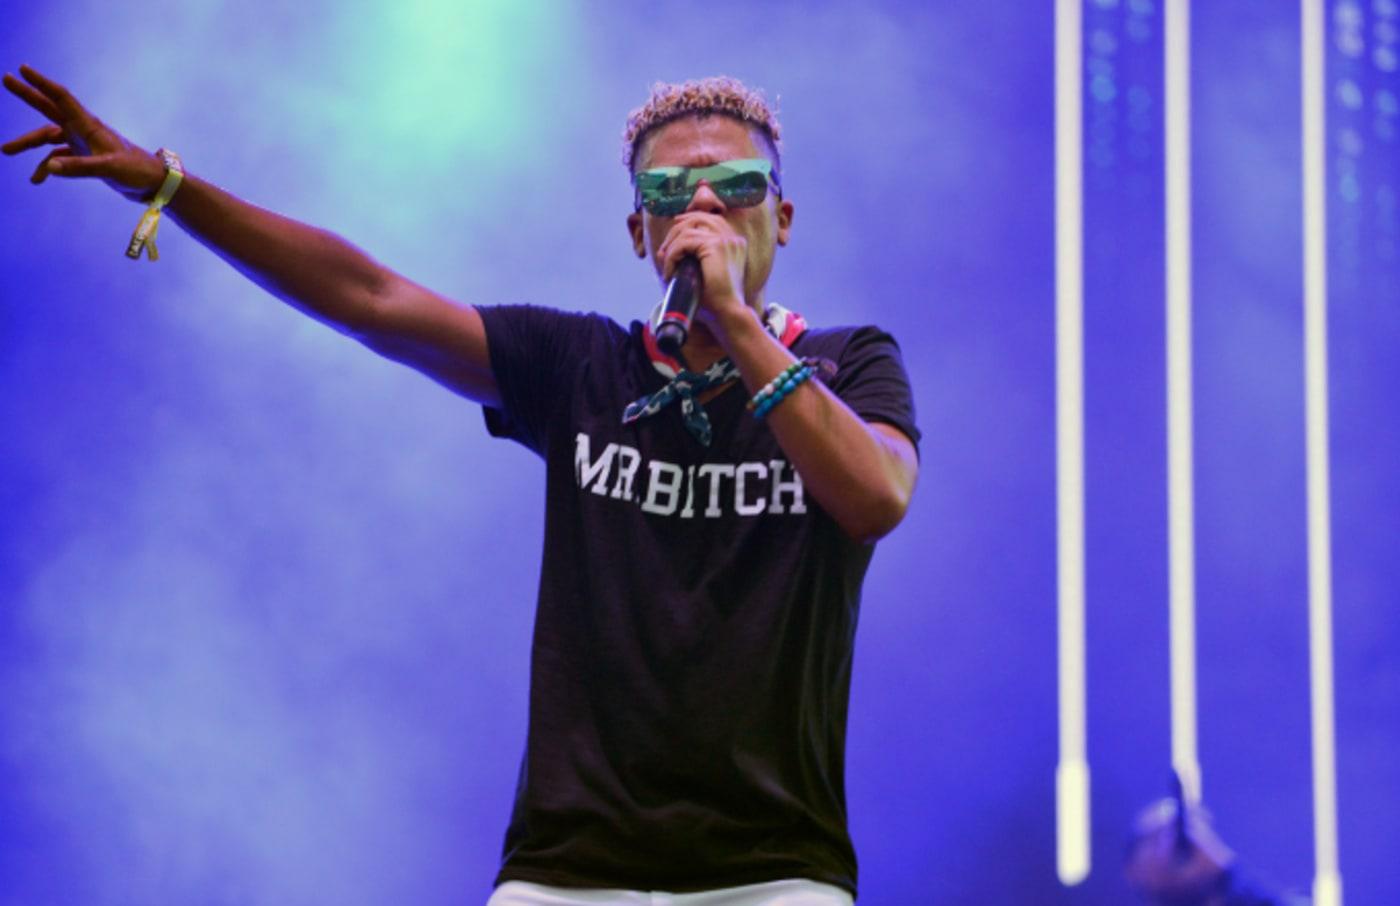 Rapper iLoveMakonnen performs at the LA Pride Music Festival